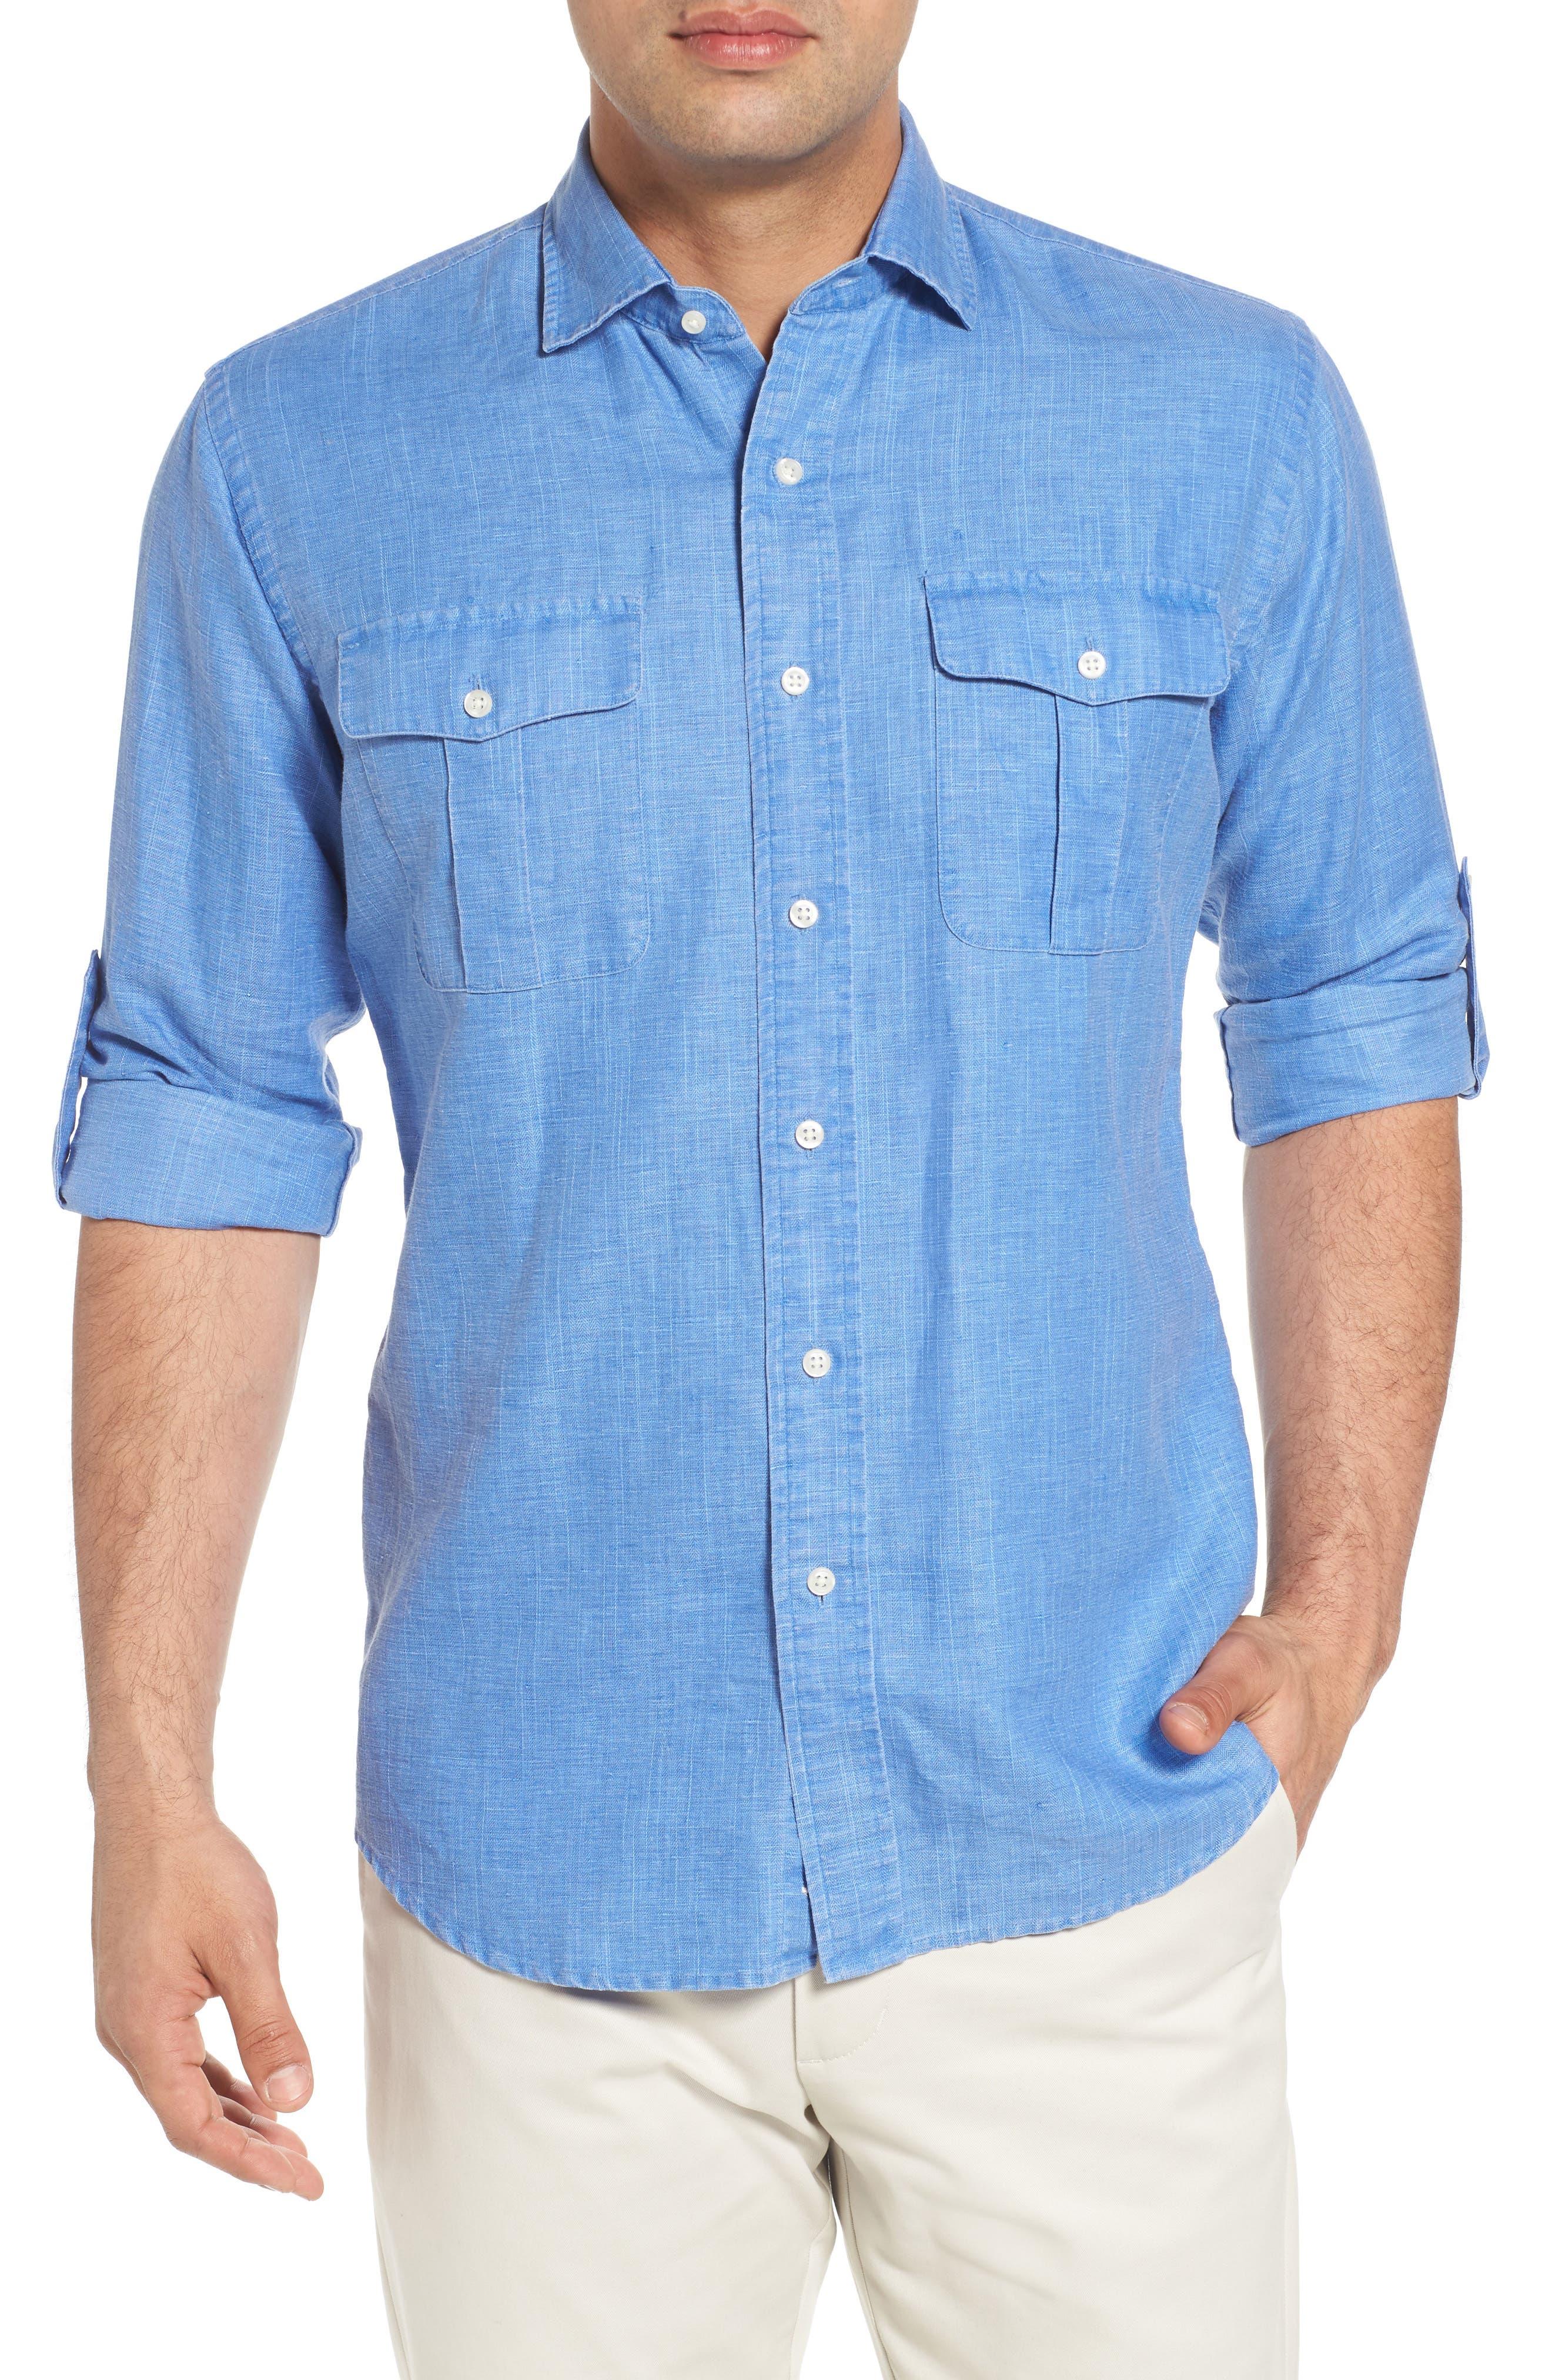 Alternate Image 1 Selected - Peter Millar Harkers Regular Fit Herringbone Sport Shirt